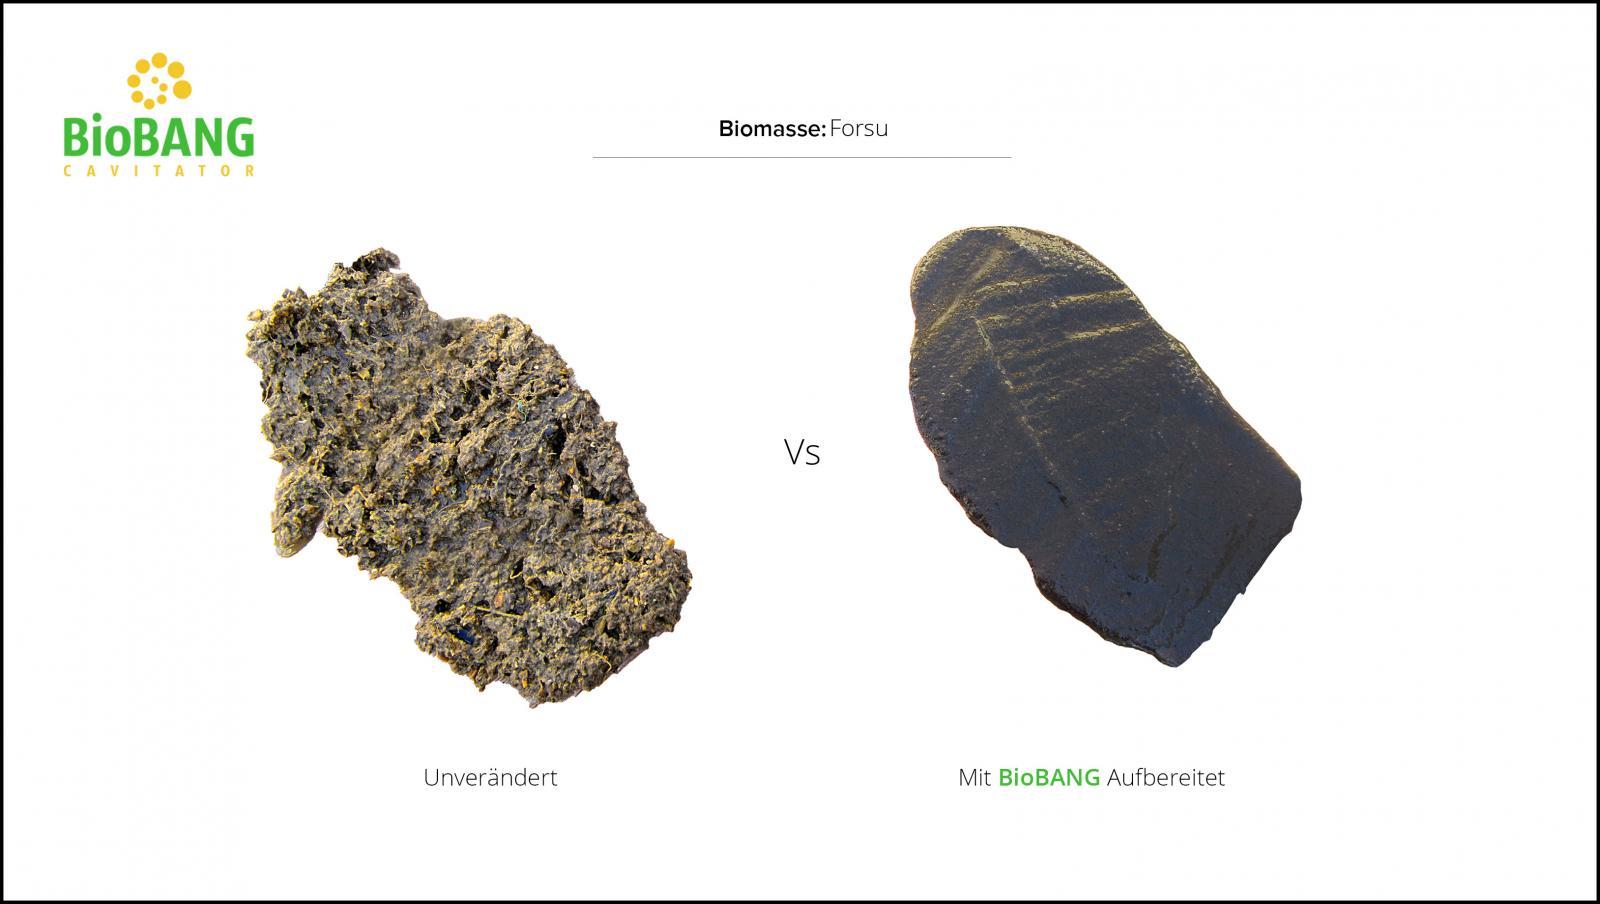 Behandlung_von_Biomasse_forsu